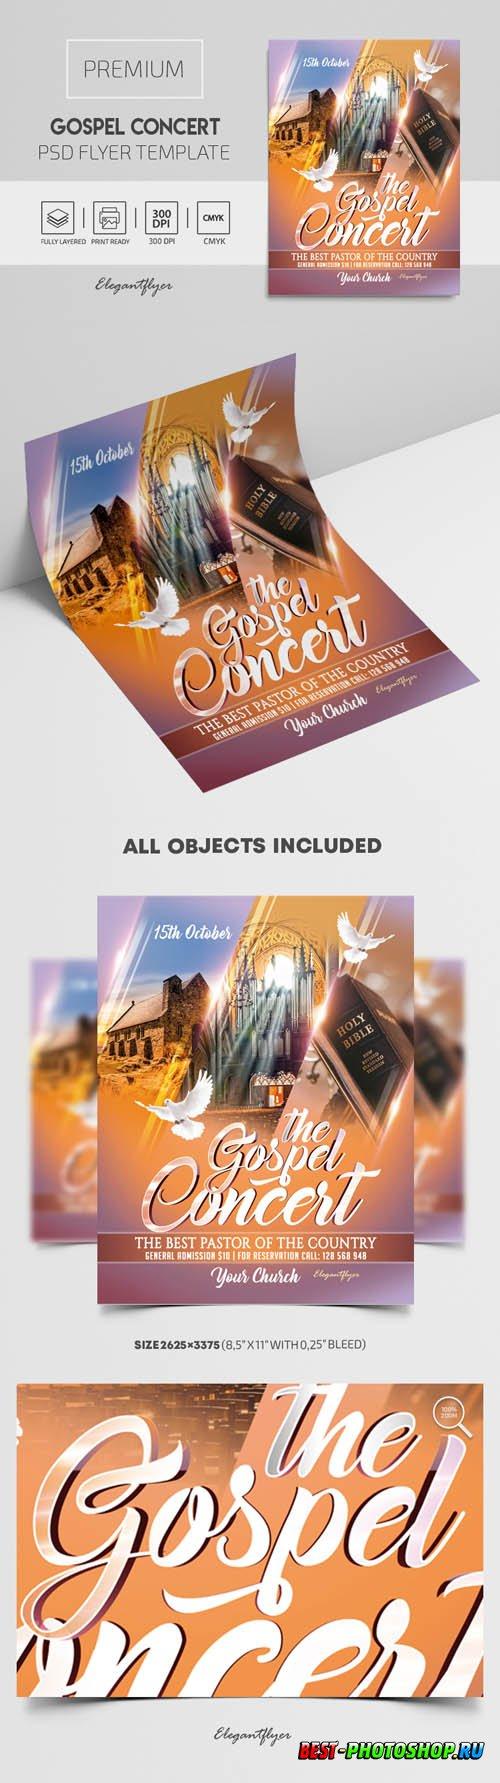 Gospel Concert Premium PSD Flyer Template